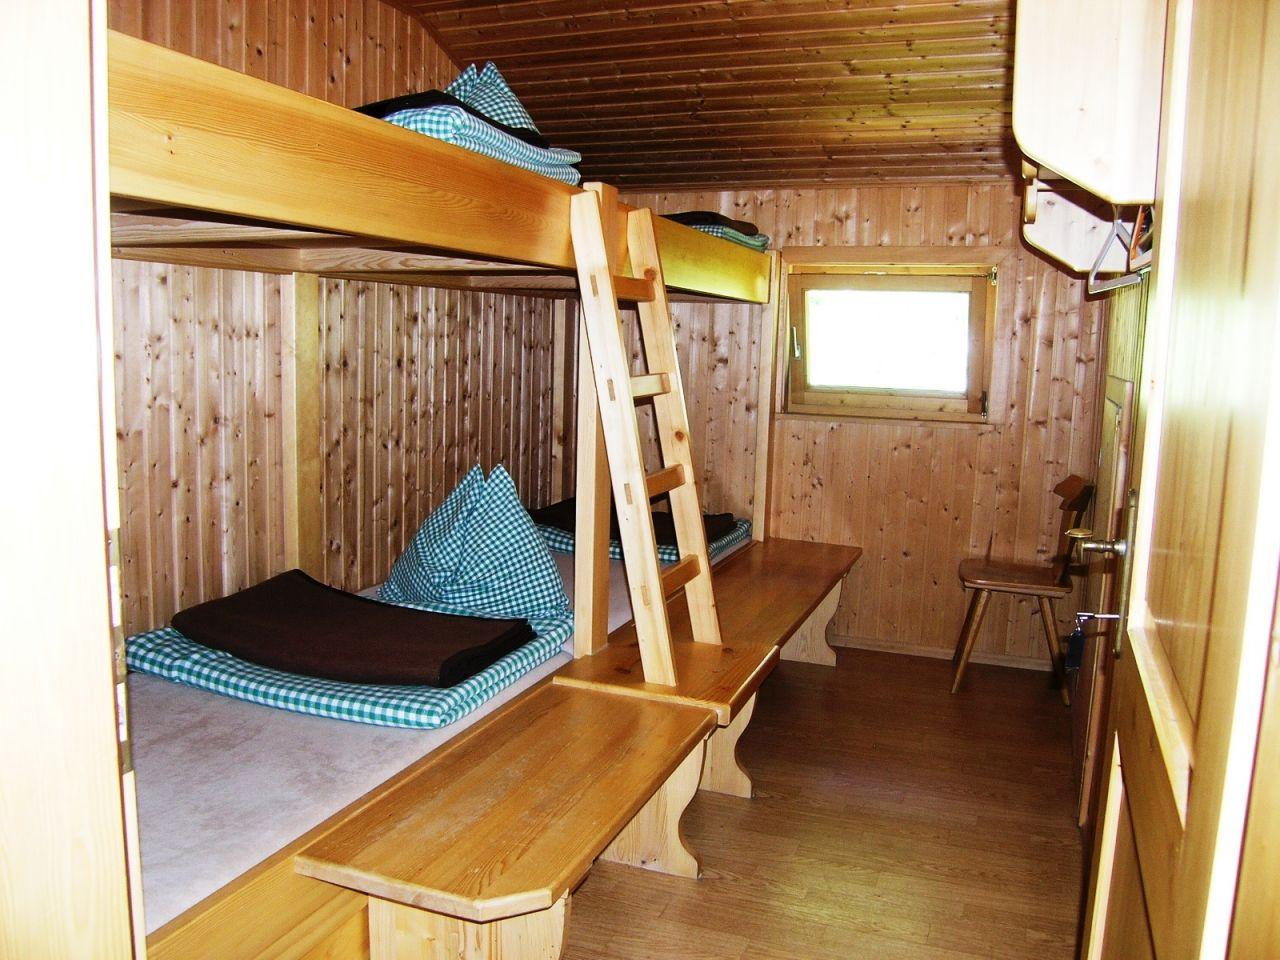 Matratzenlager hütte  Ischler Hütte Österreichischer Alpenverein